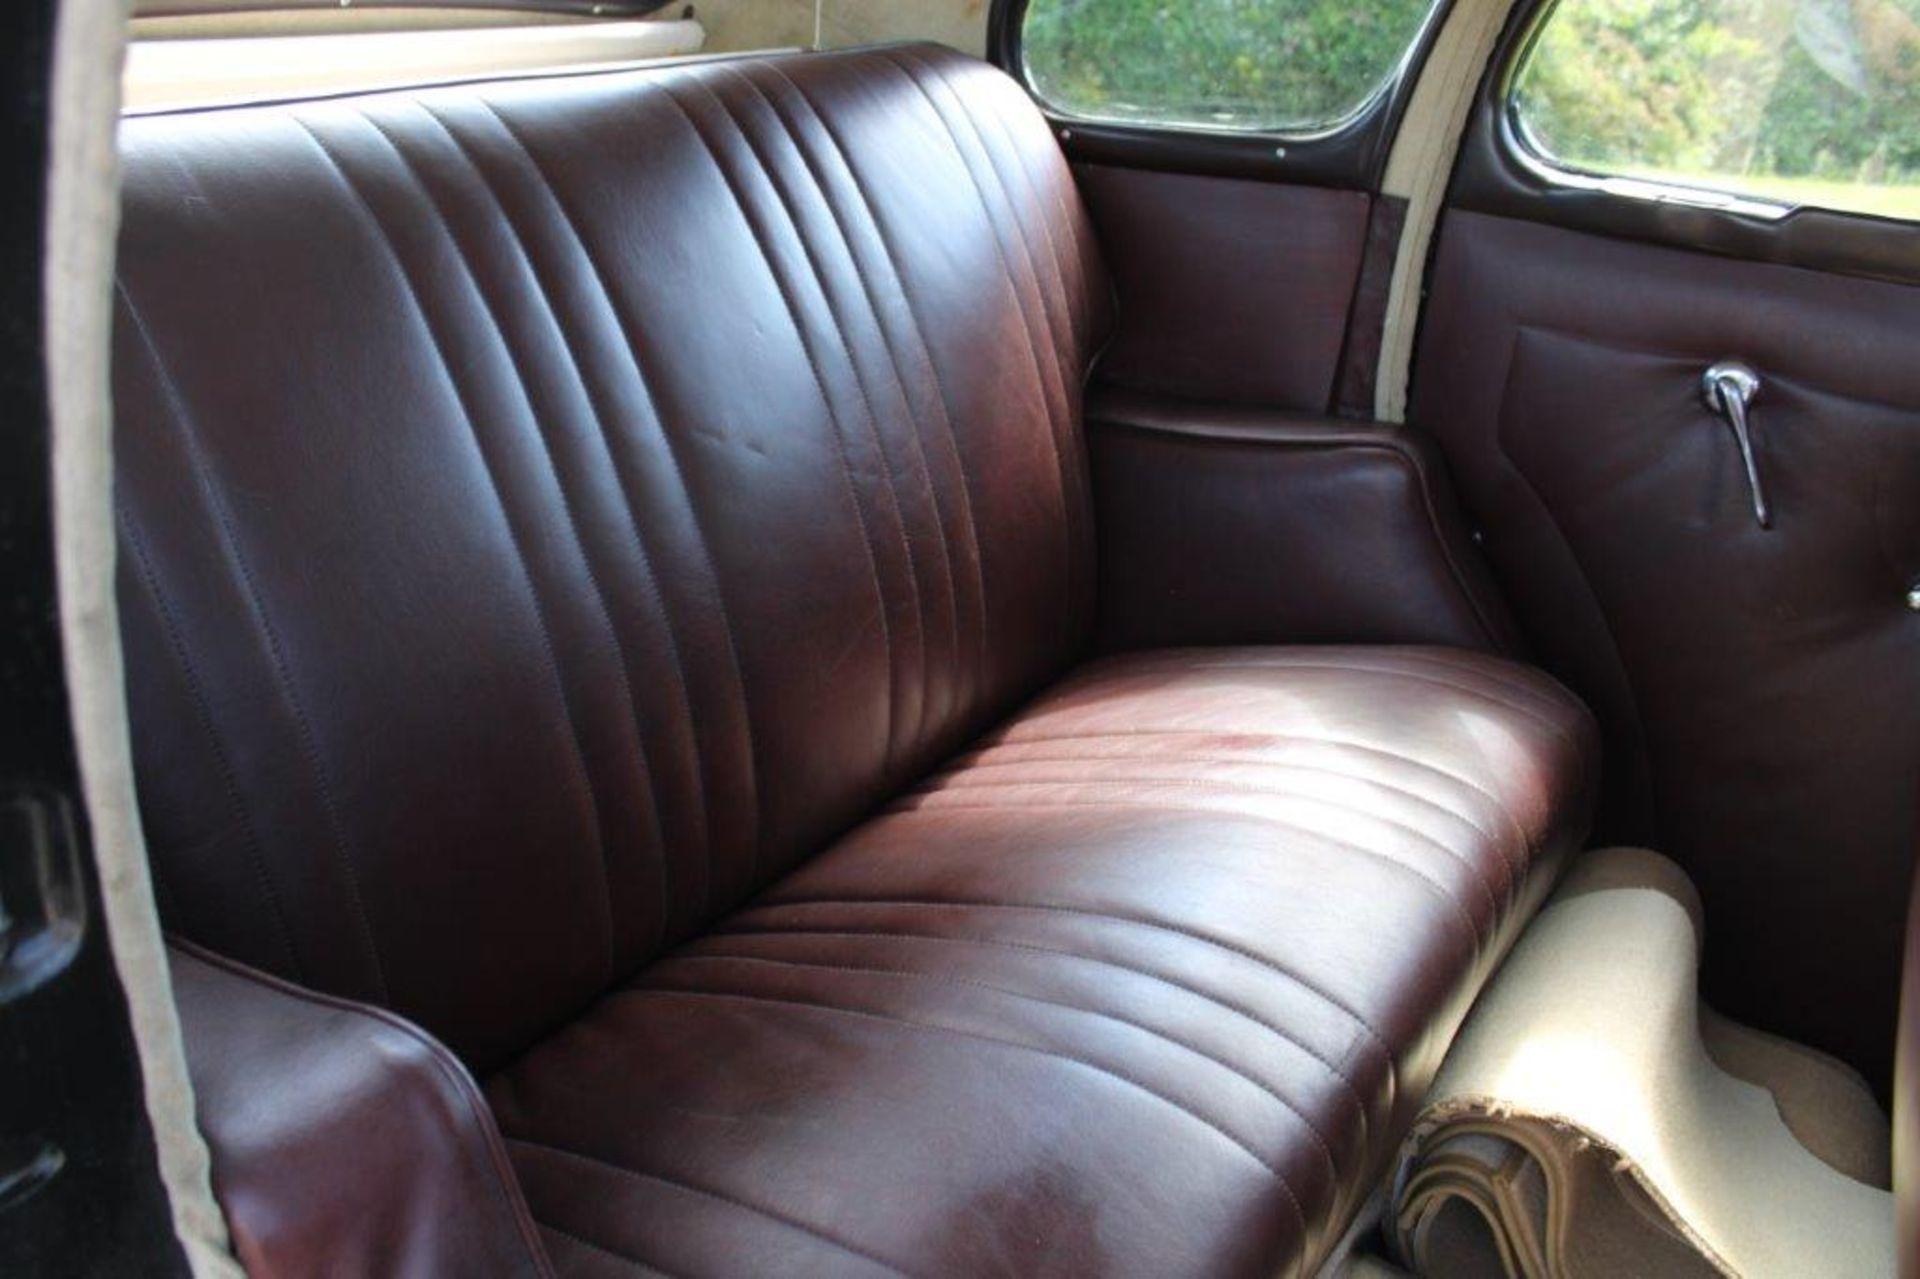 1946 Ford Prefect E93A - Image 18 of 30